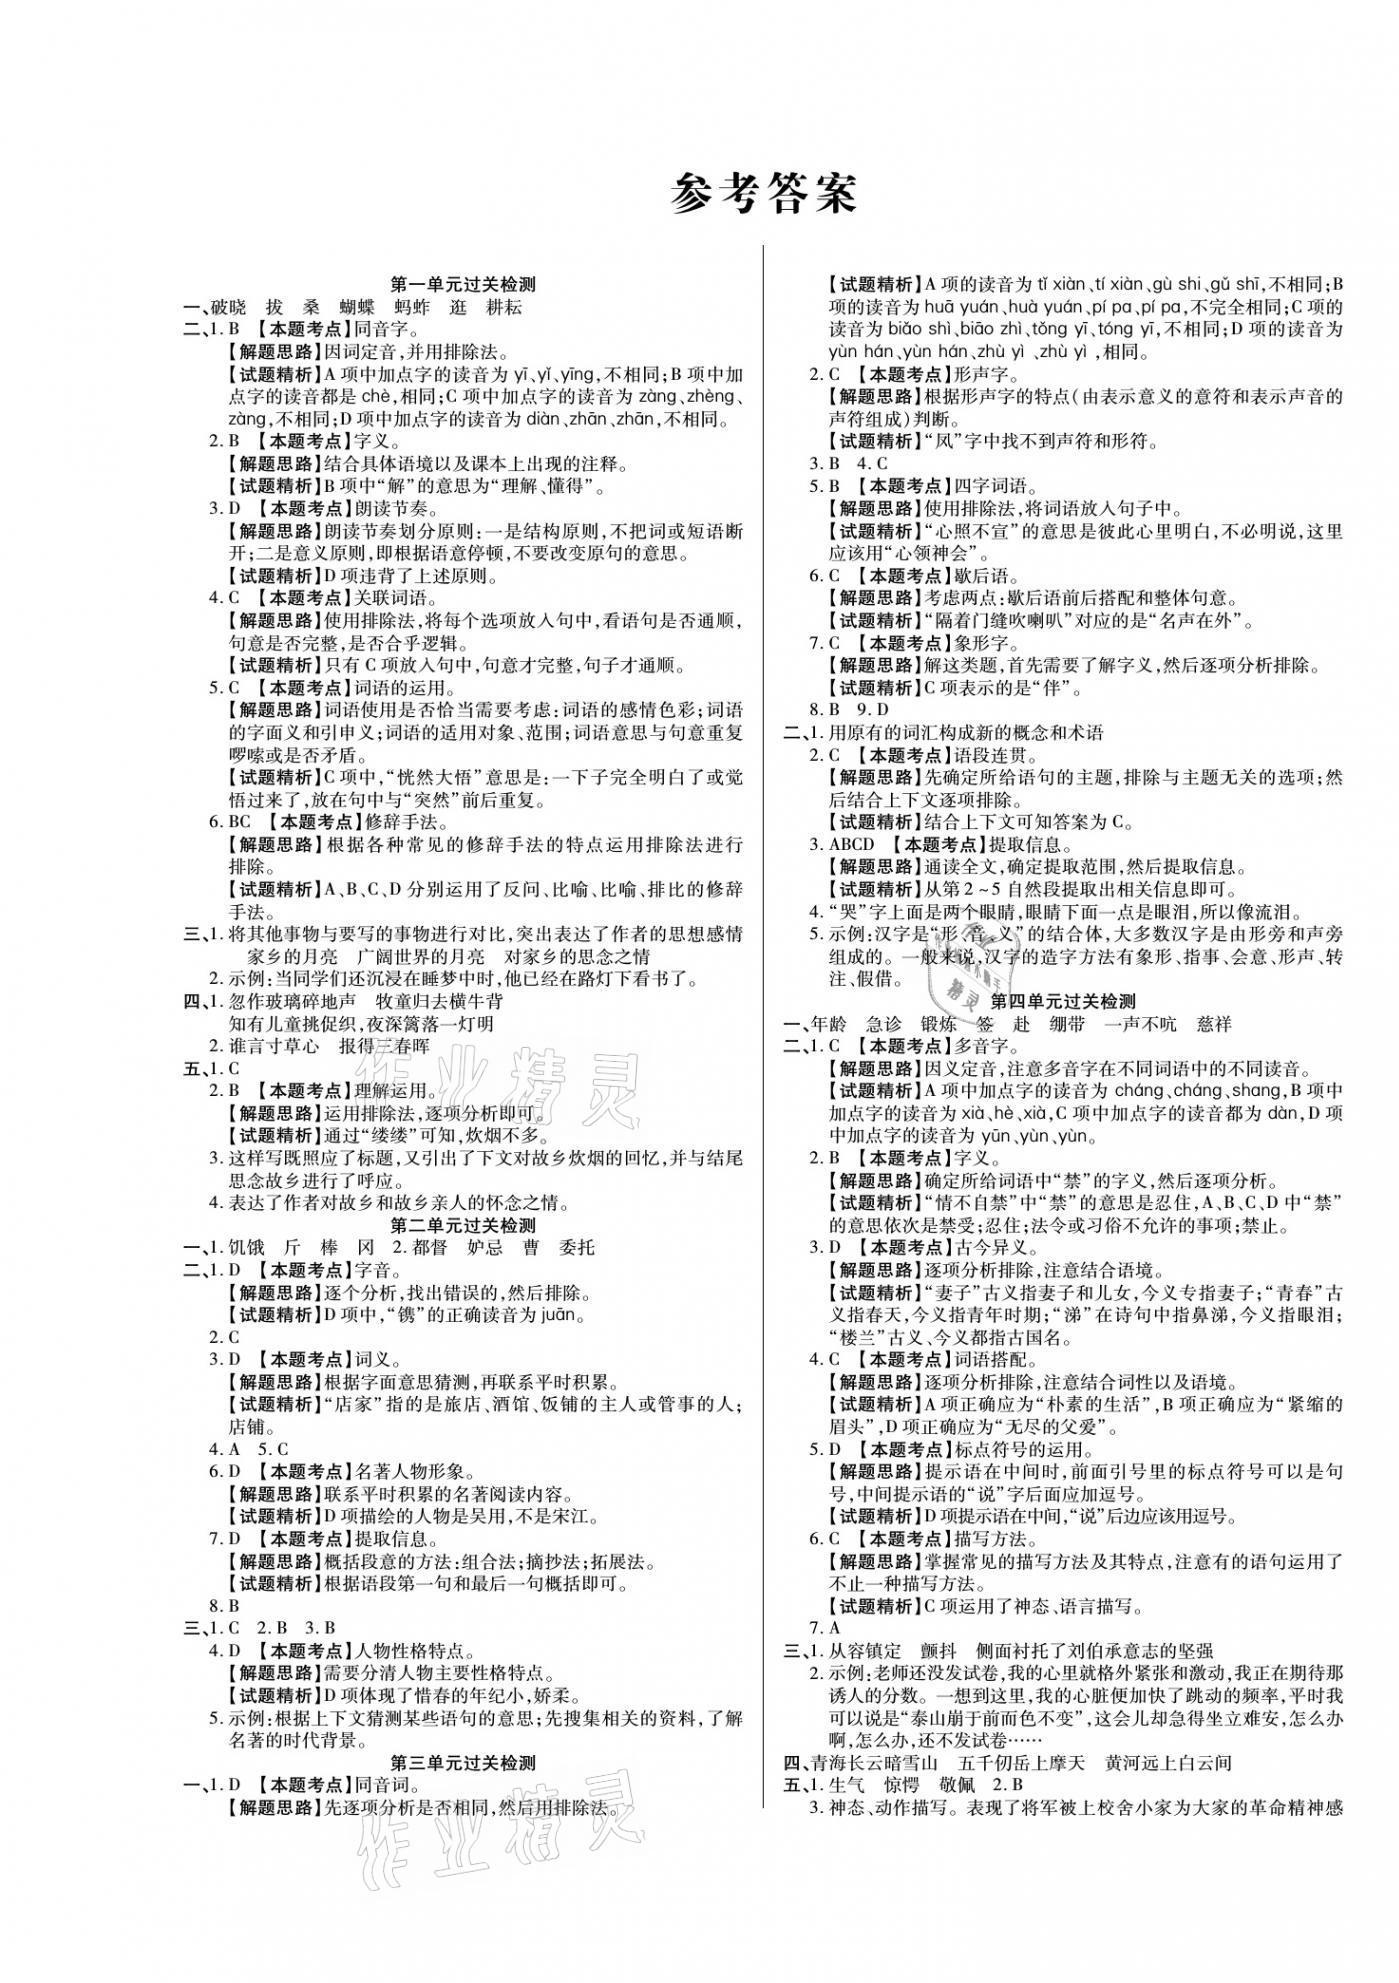 2021年期末状元卷五年级语文下册人教版福建专版参考答案第1页